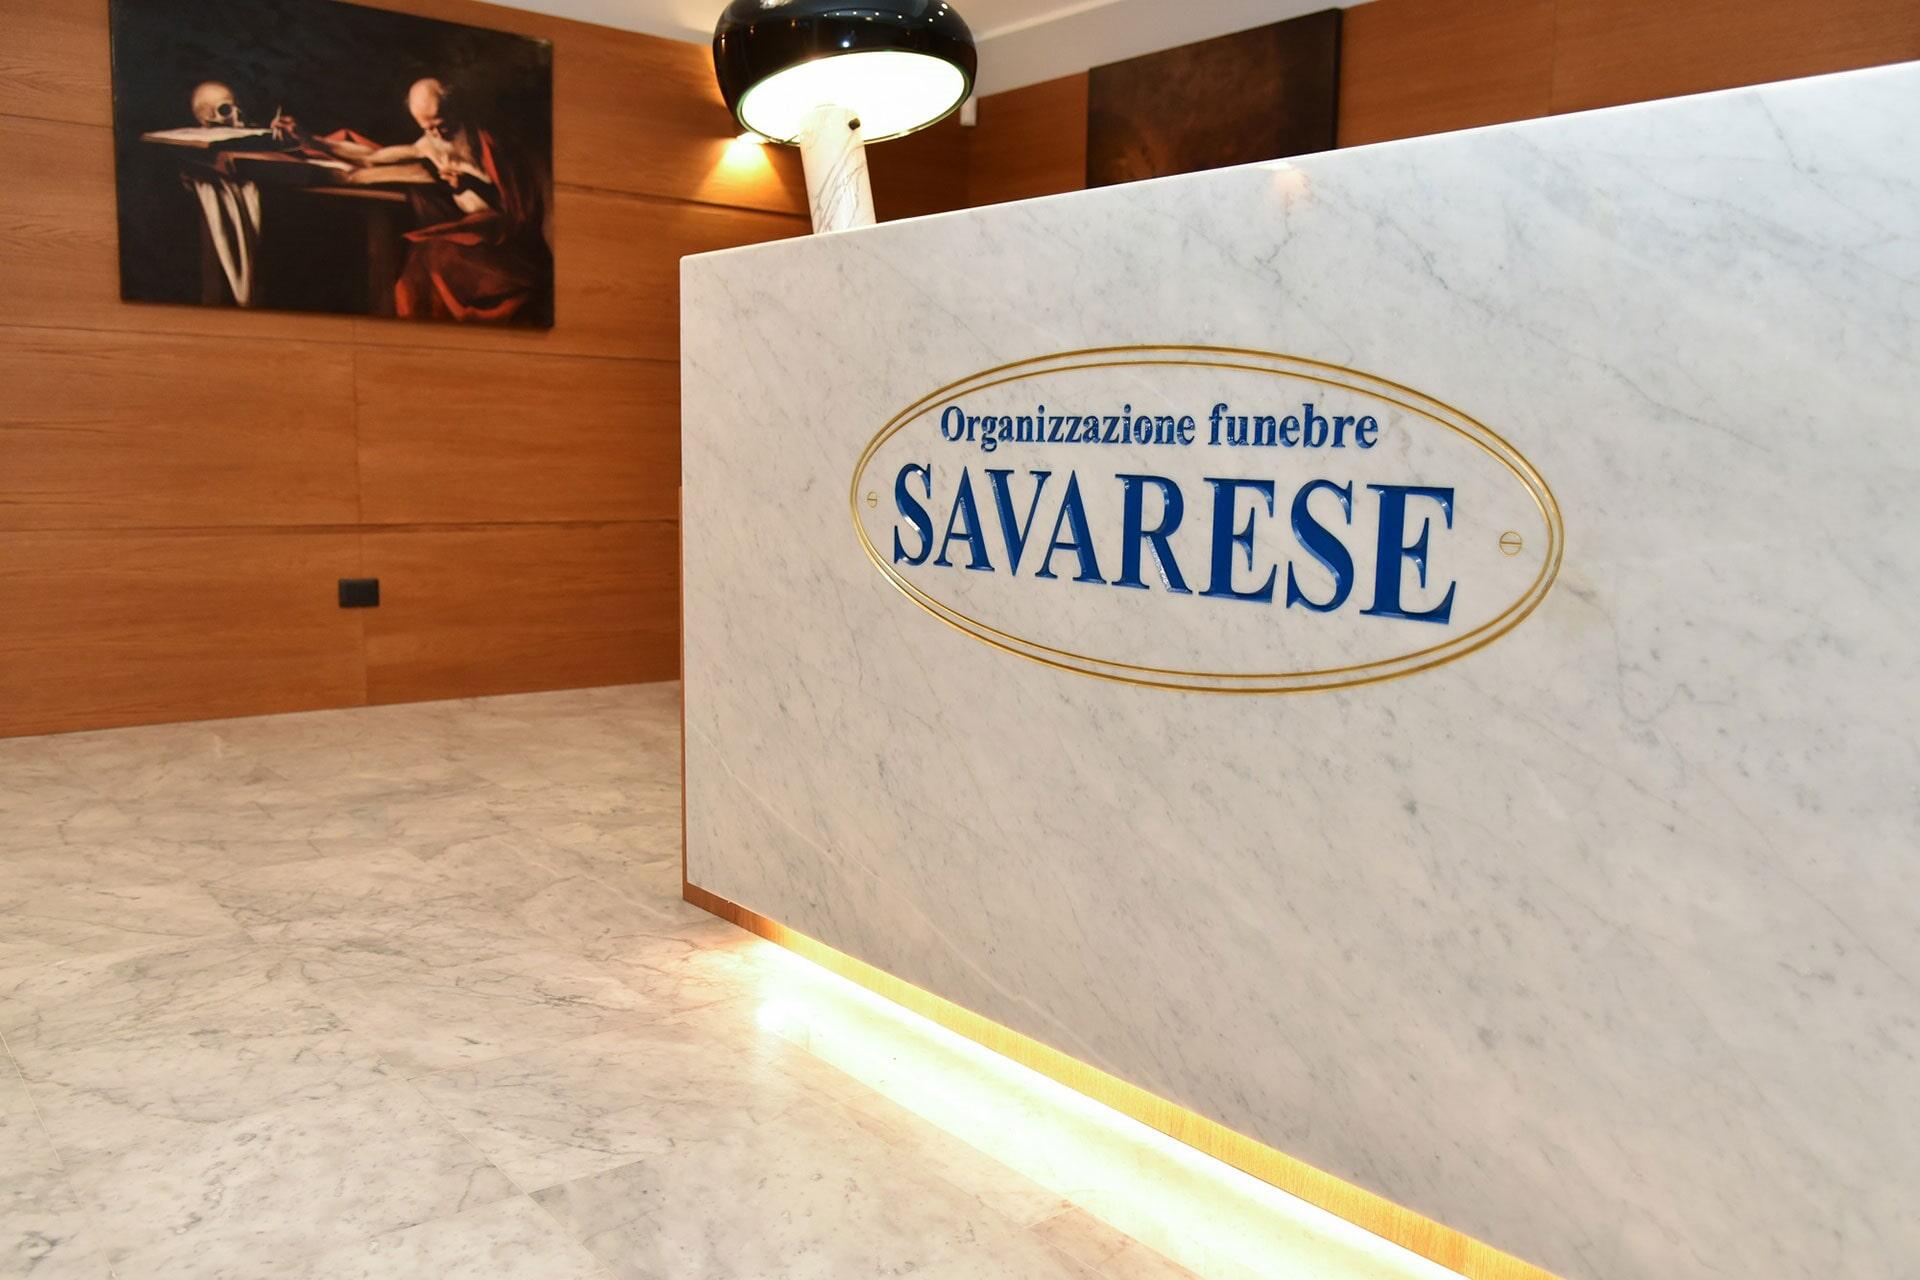 Organizzazione Funebre Savarese